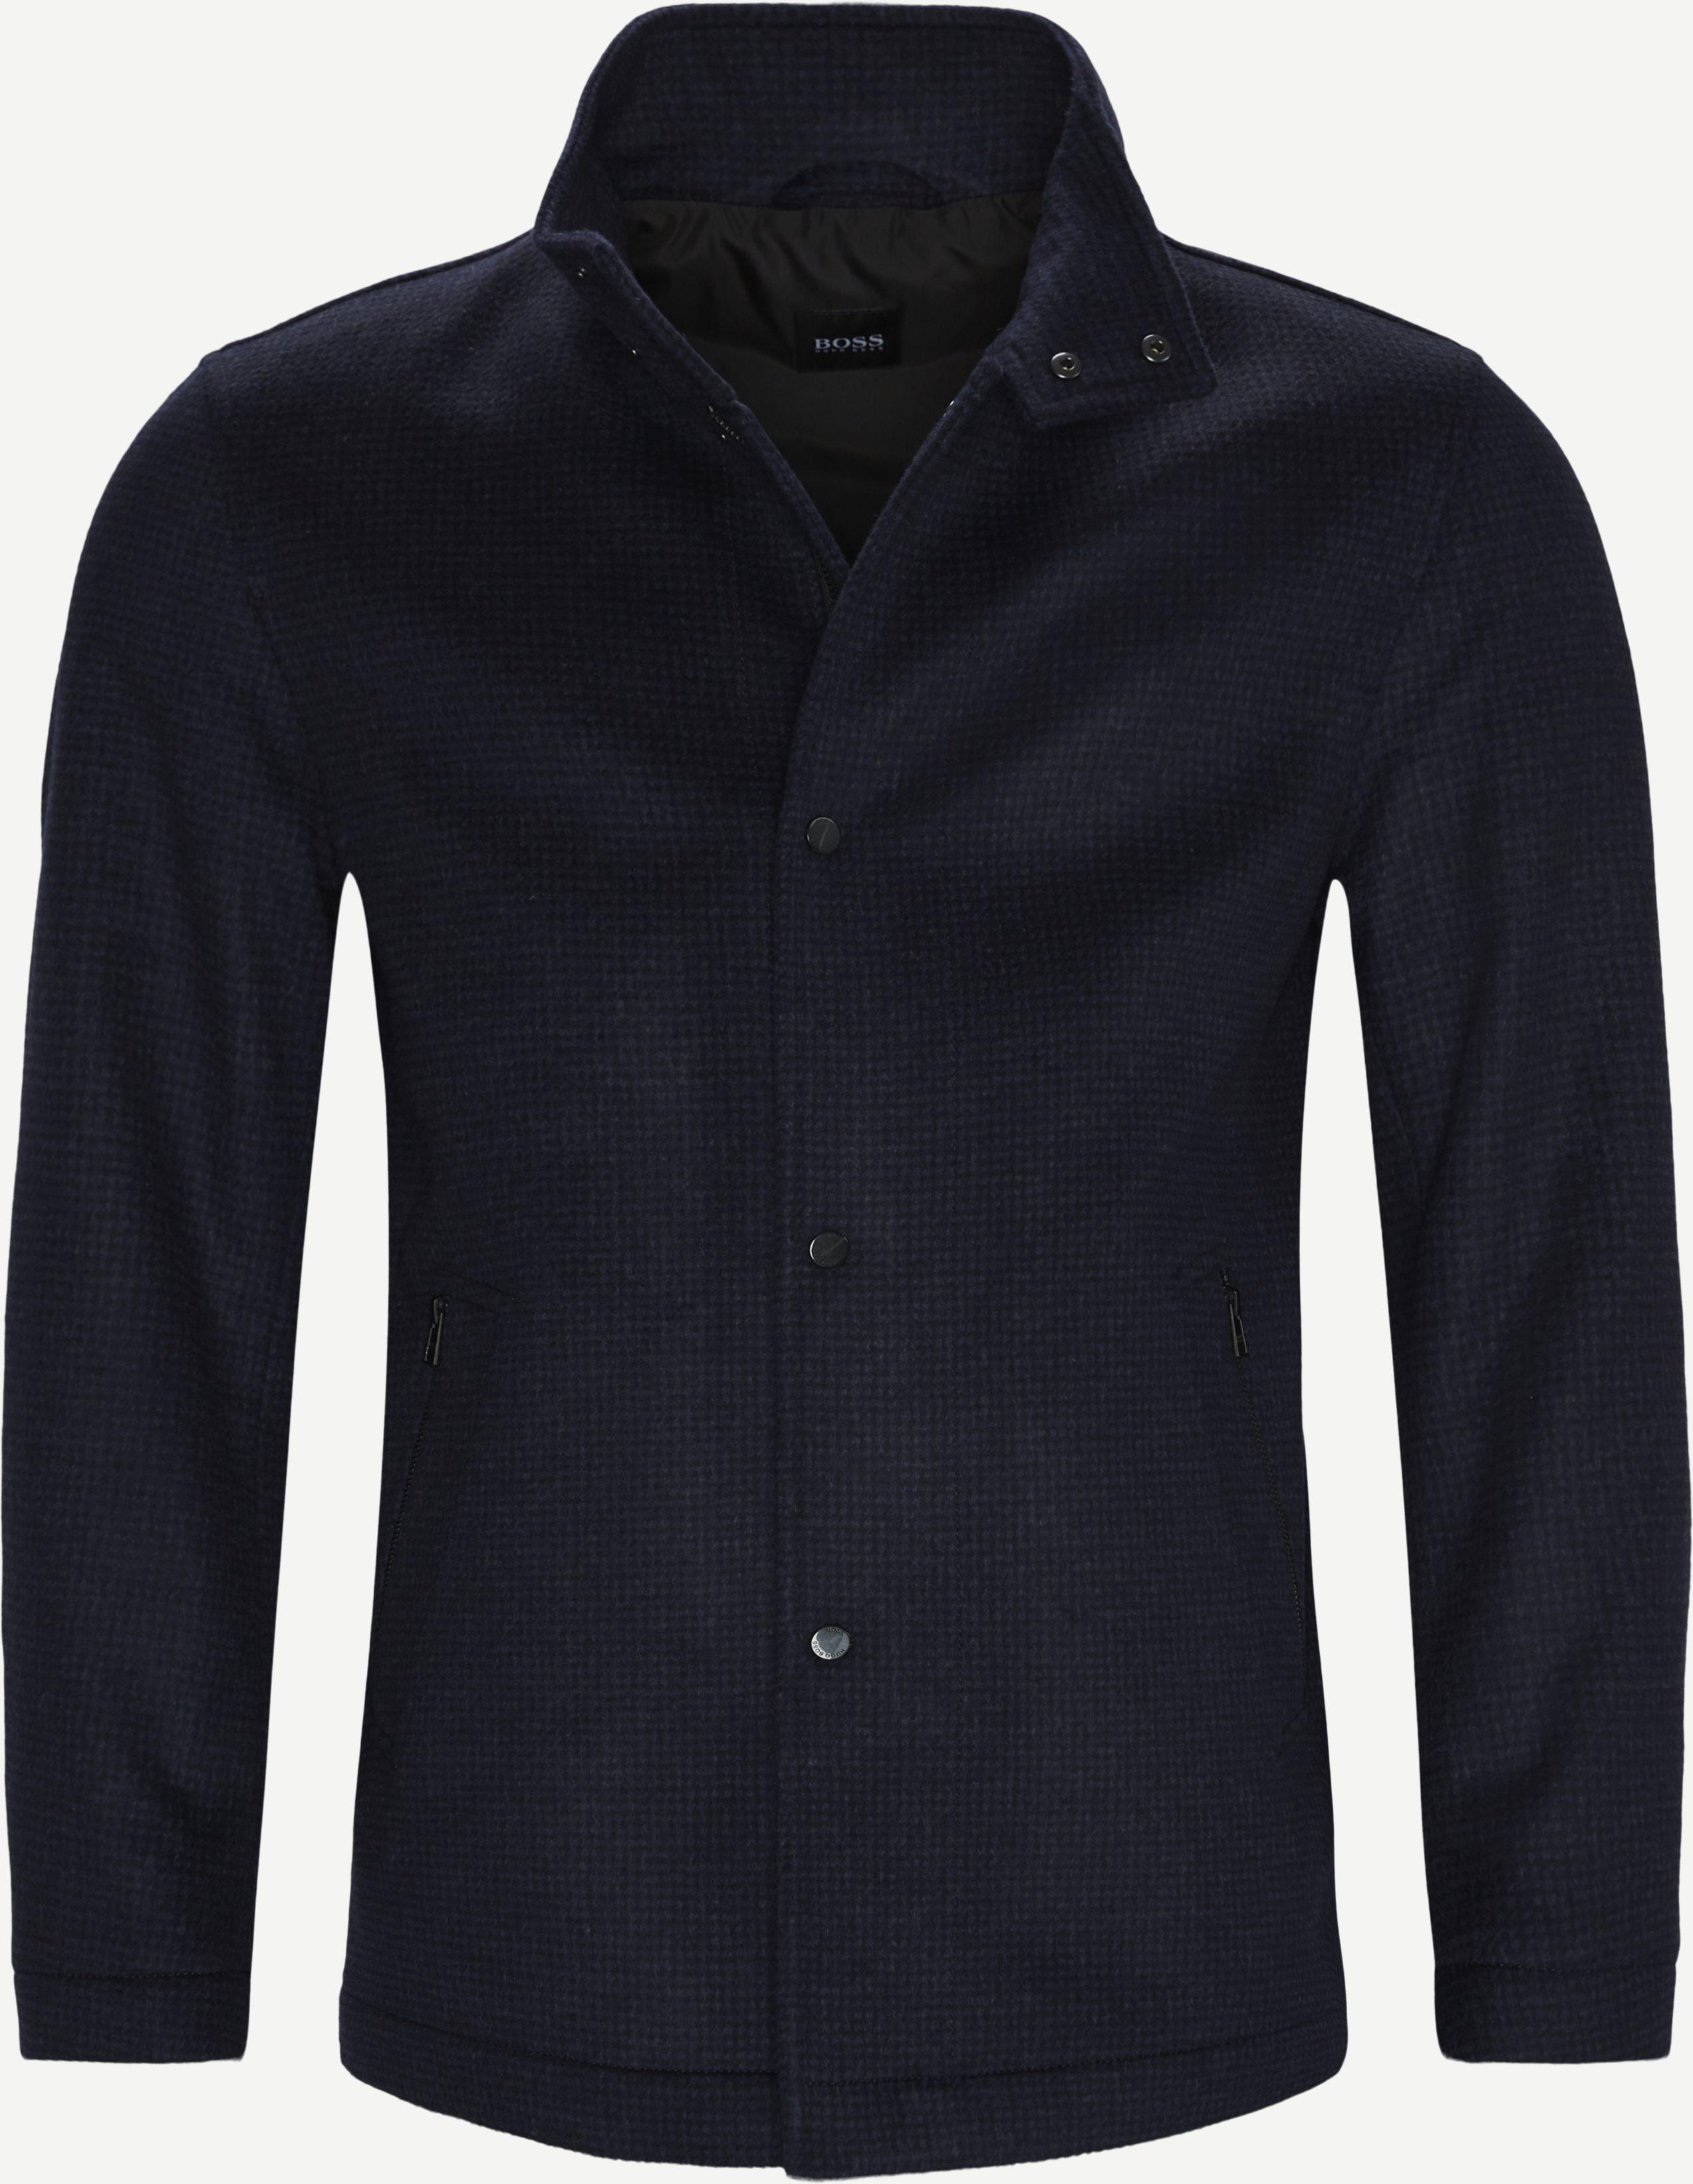 Camron3 Jacket - Jackets - Regular - Blue